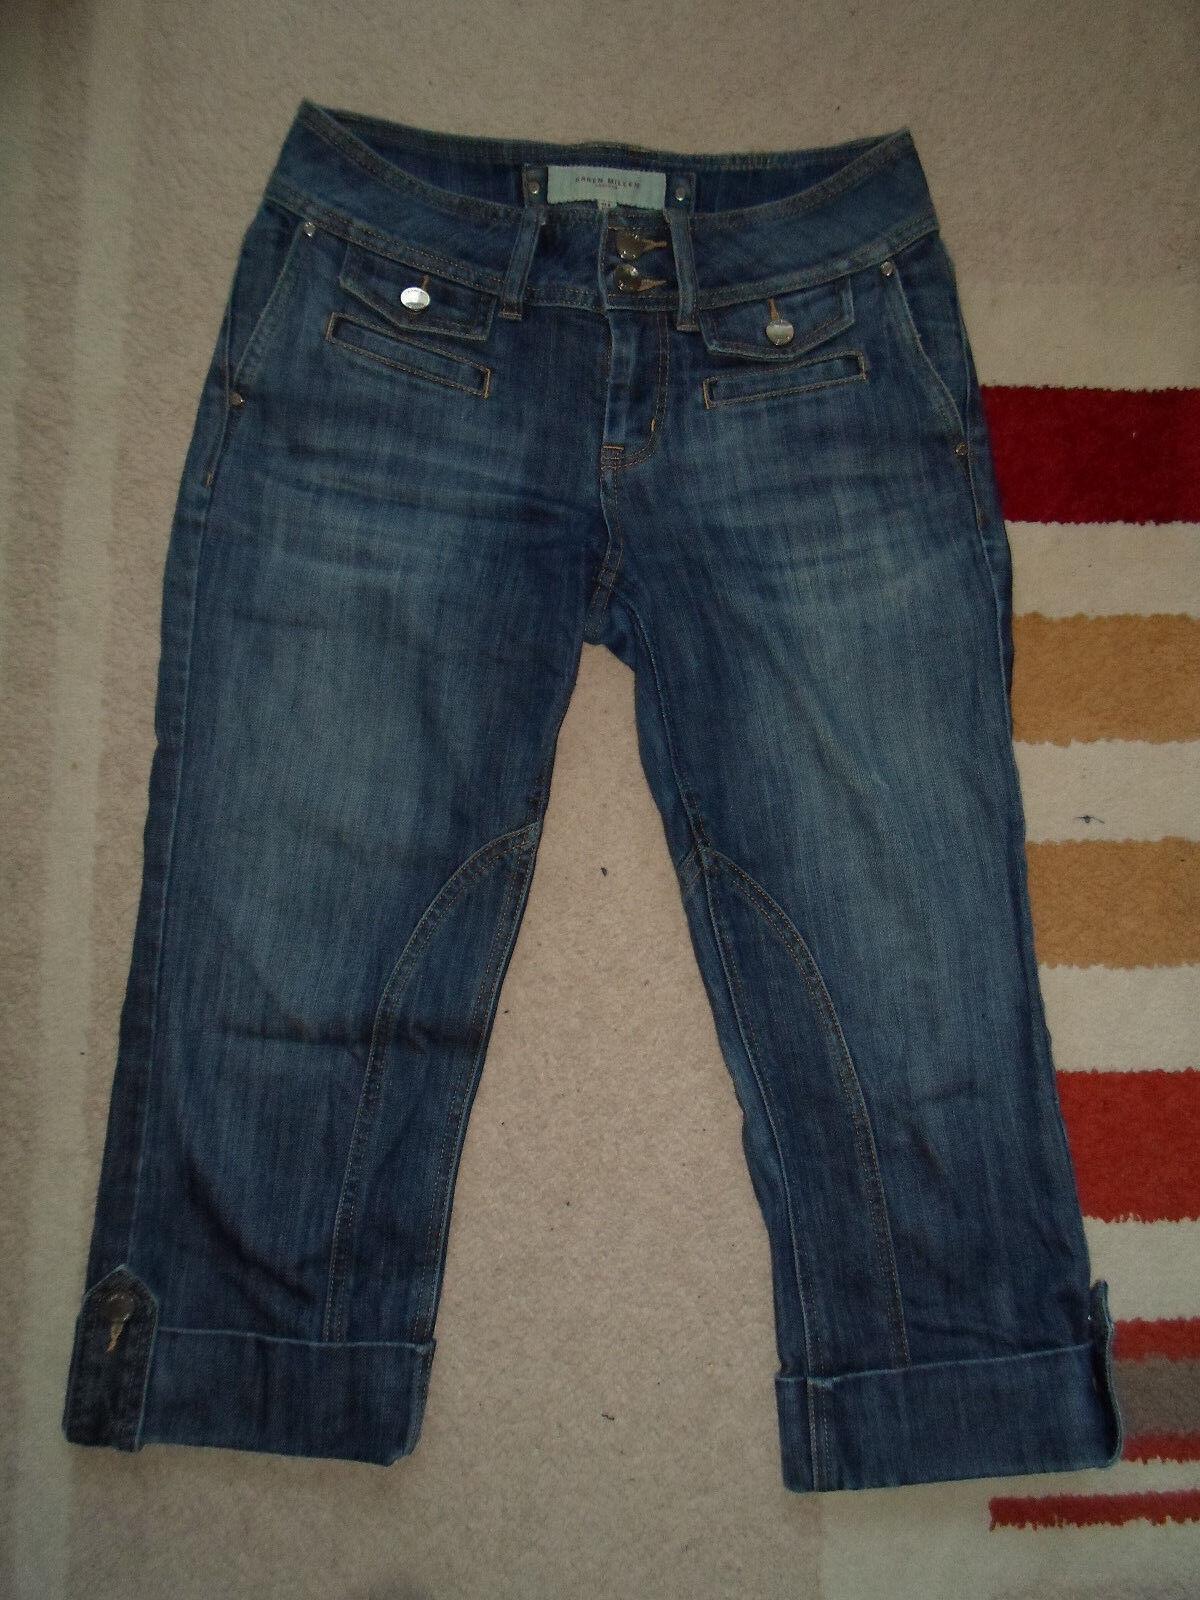 Jeans blau Gr 36 38 S M Karen Millen  | Moderne Technologie  | Deutschland Outlet  | Vorzügliche Verarbeitung